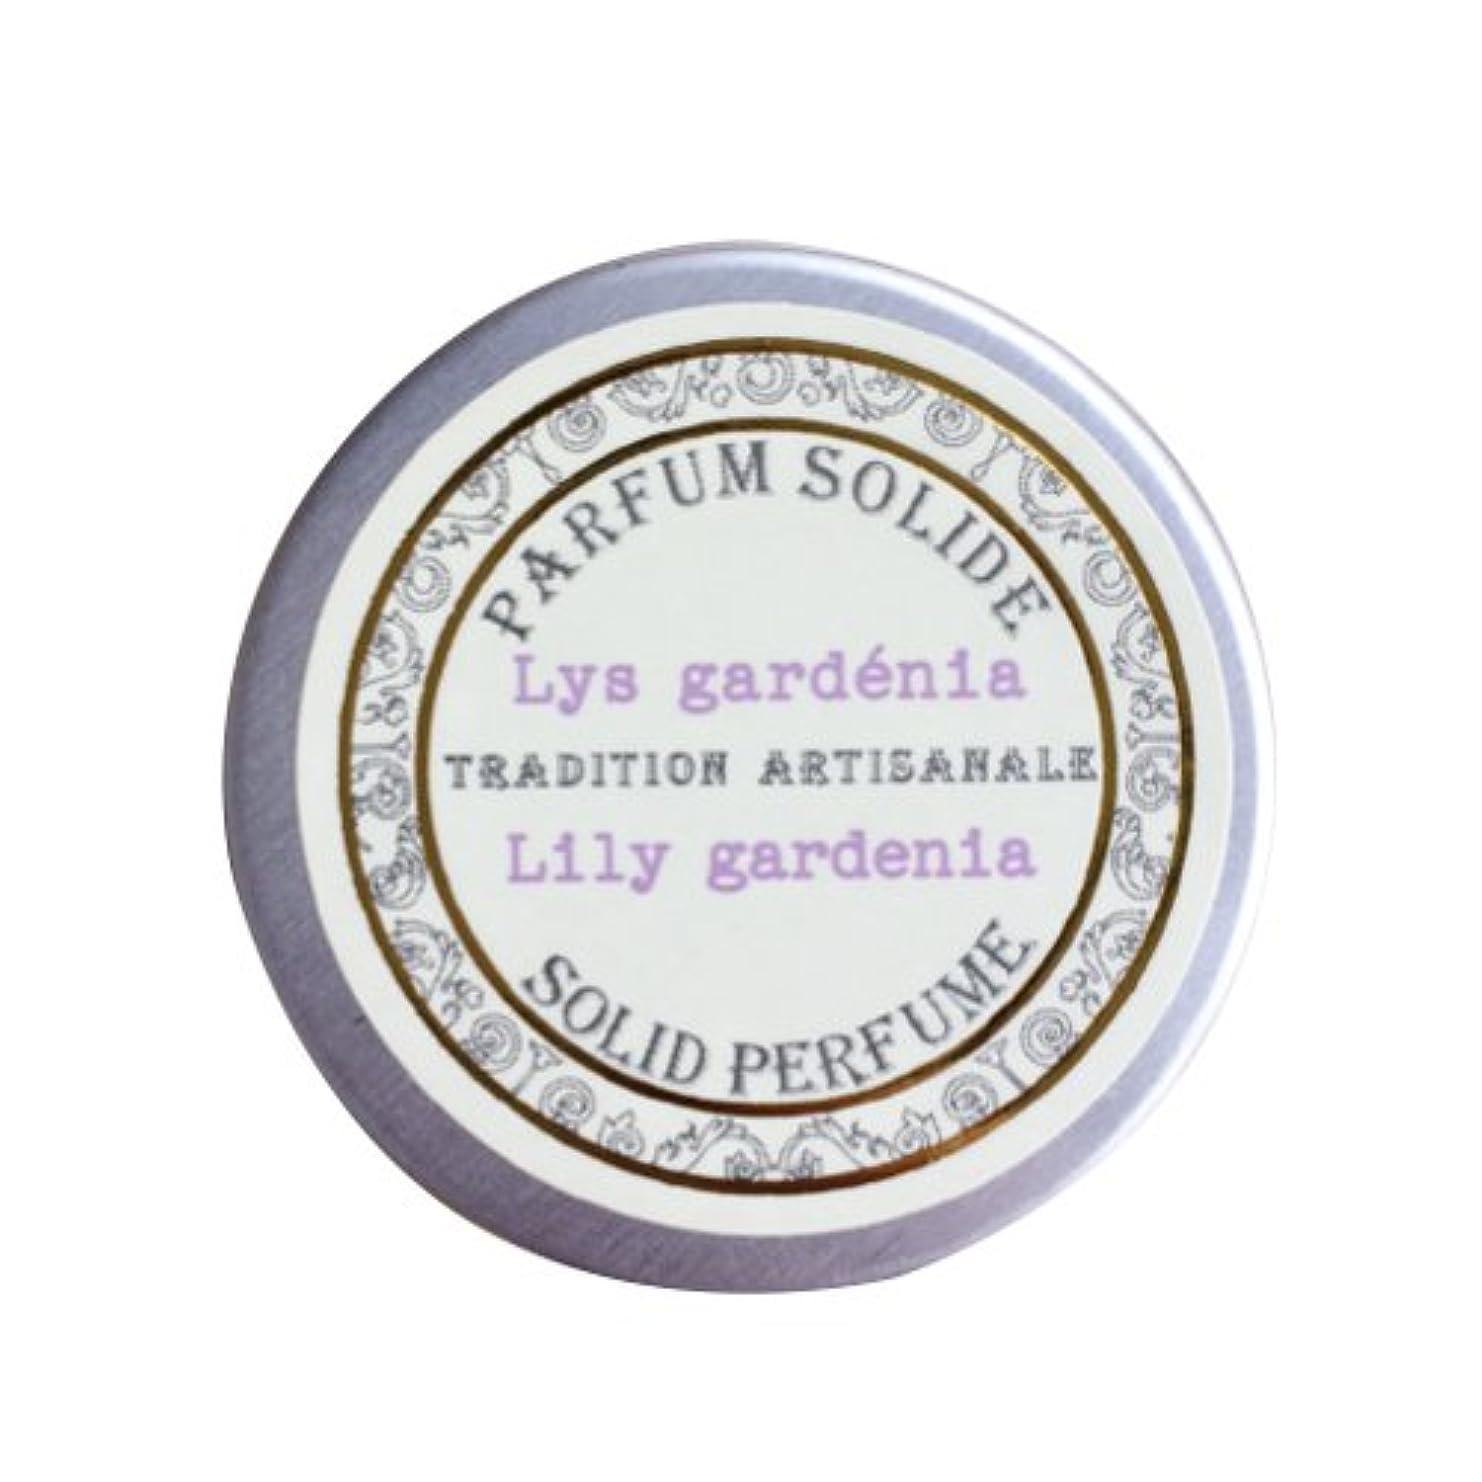 即席従来のしなければならないSenteur et Beaute(サンタールエボーテ) フレンチクラシックシリーズ 練り香水 10g 「リリーガーデニア」 4994228023070